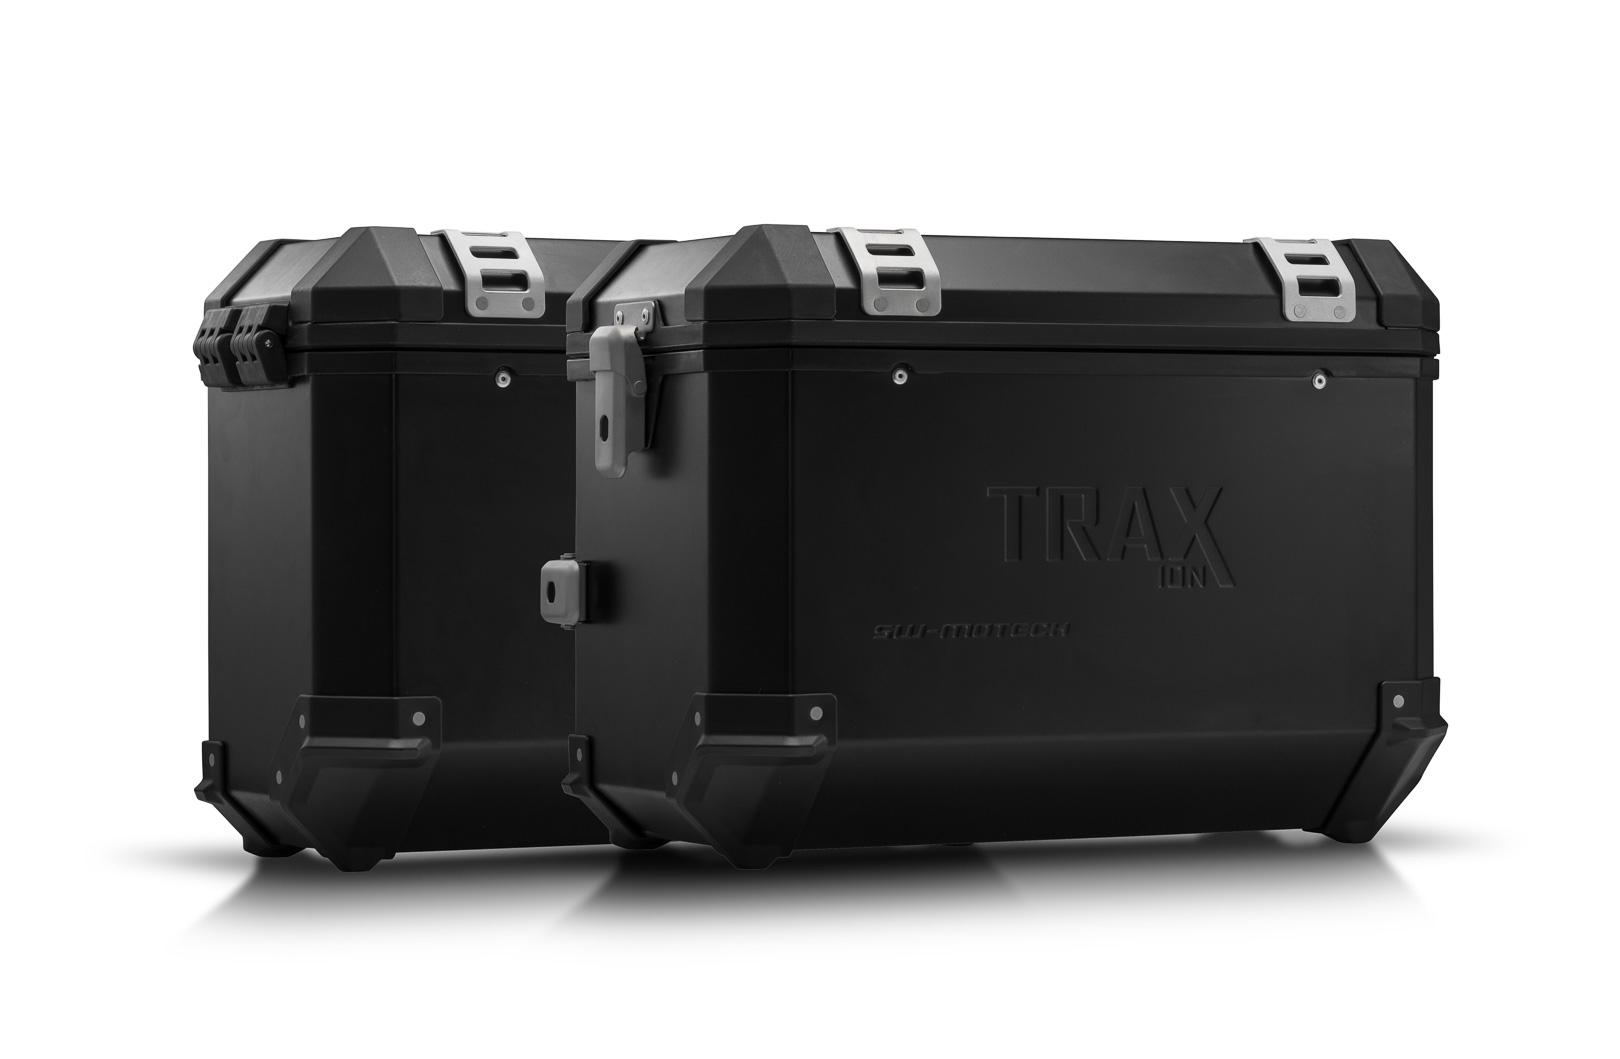 Kit valises SW-Motech Trax ION 45/45L noires KTM 990 SMT 09-14